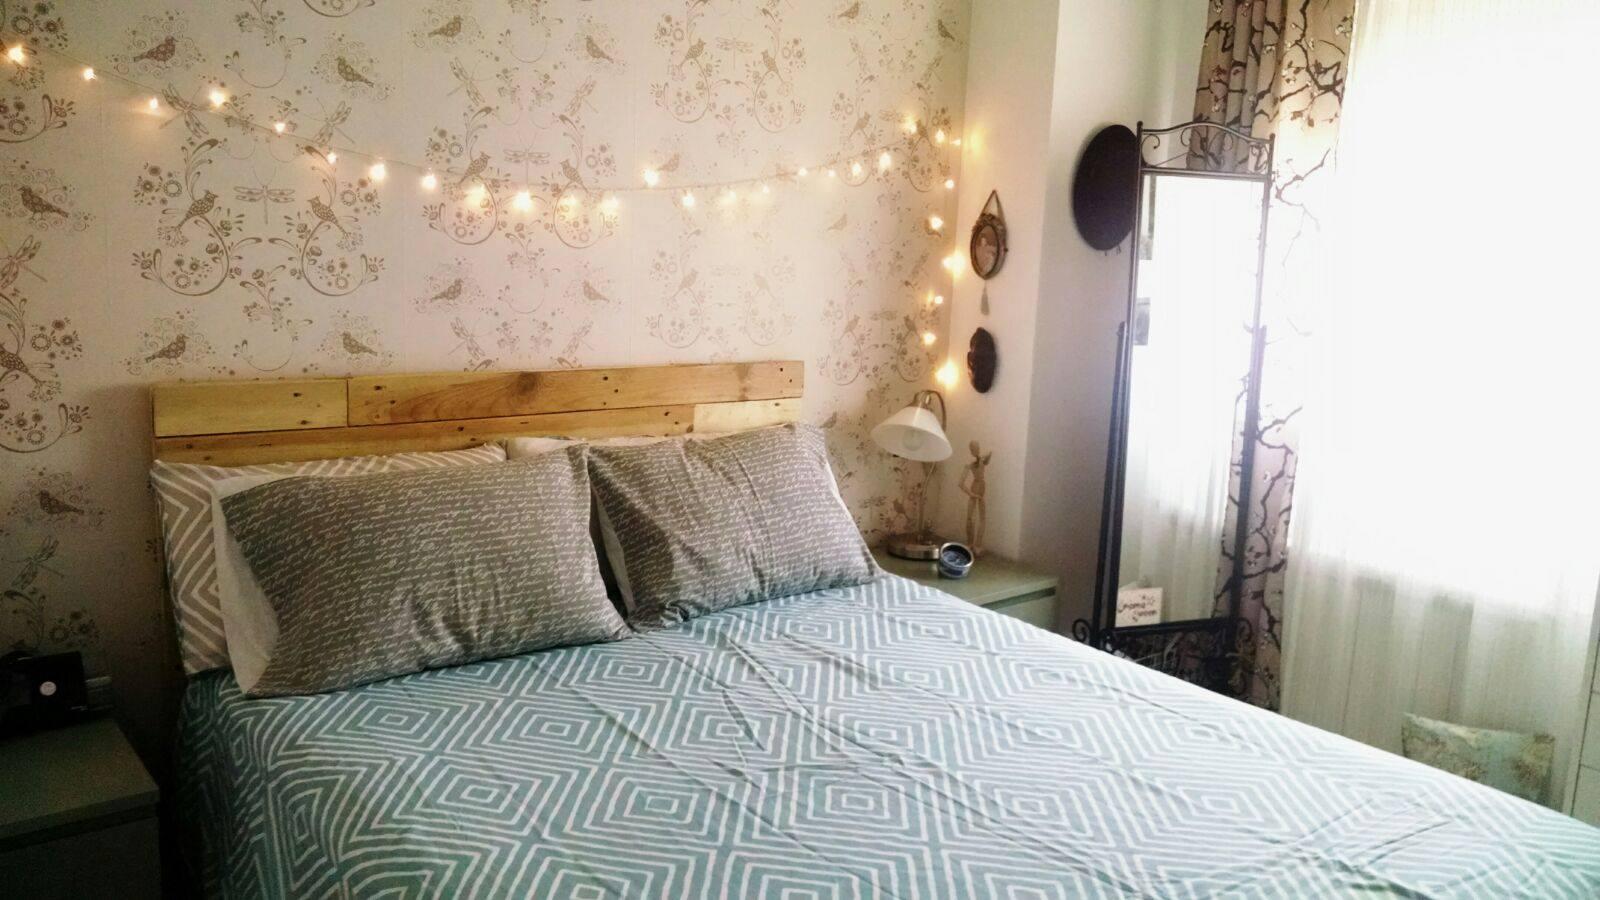 Un cabecero de palet sencillo protagonista del dormitorio - Cabecero palets ...